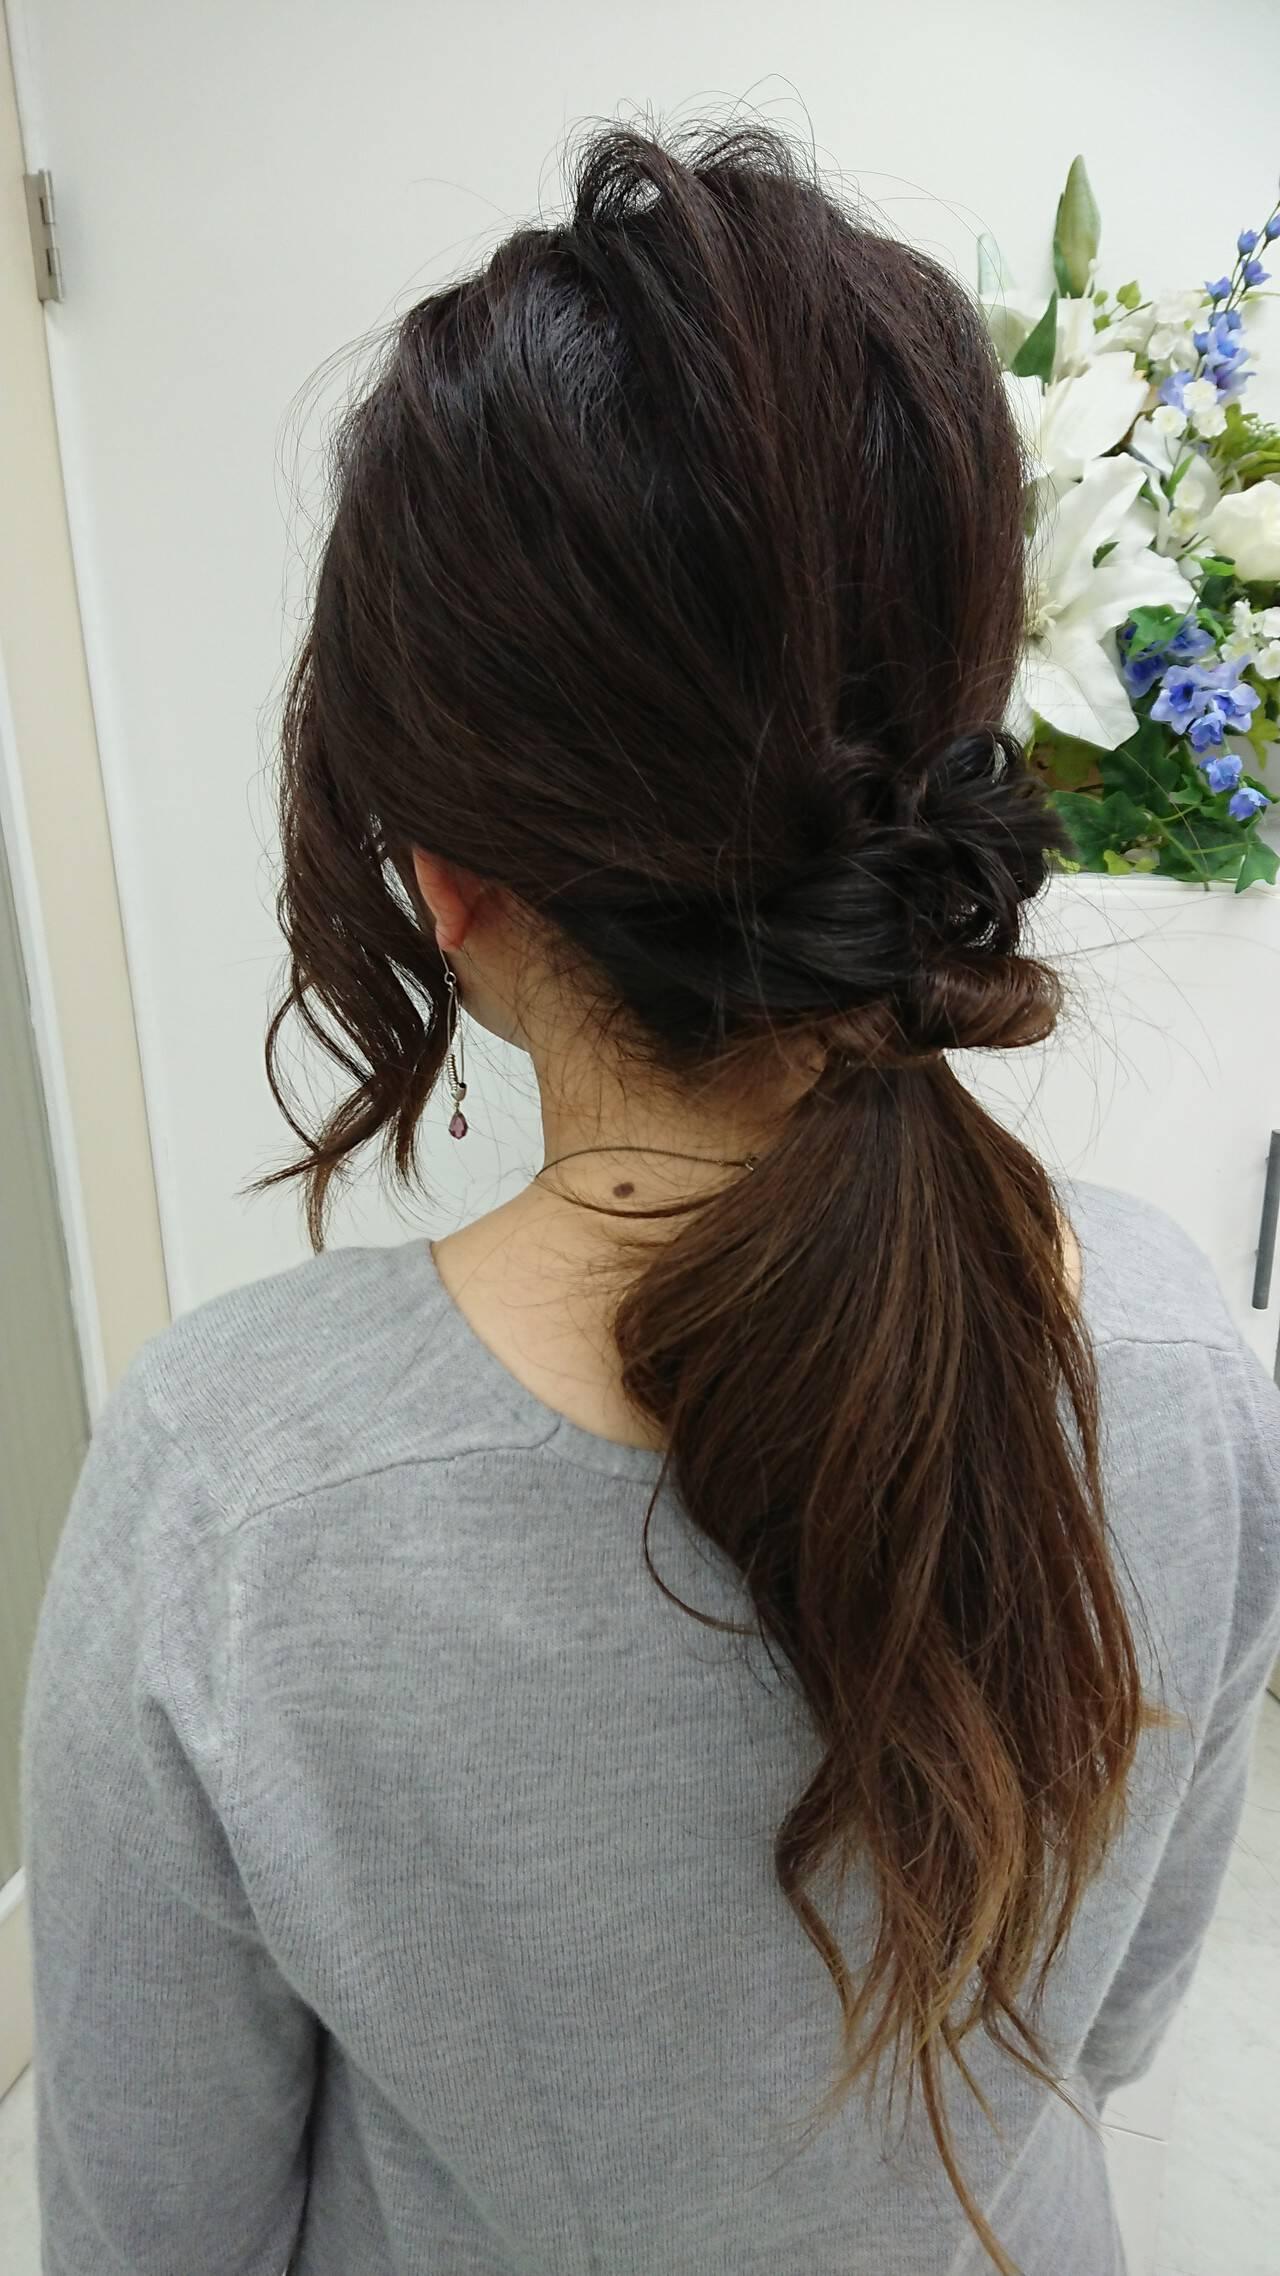 デート セミロング ナチュラル 簡単ヘアアレンジヘアスタイルや髪型の写真・画像